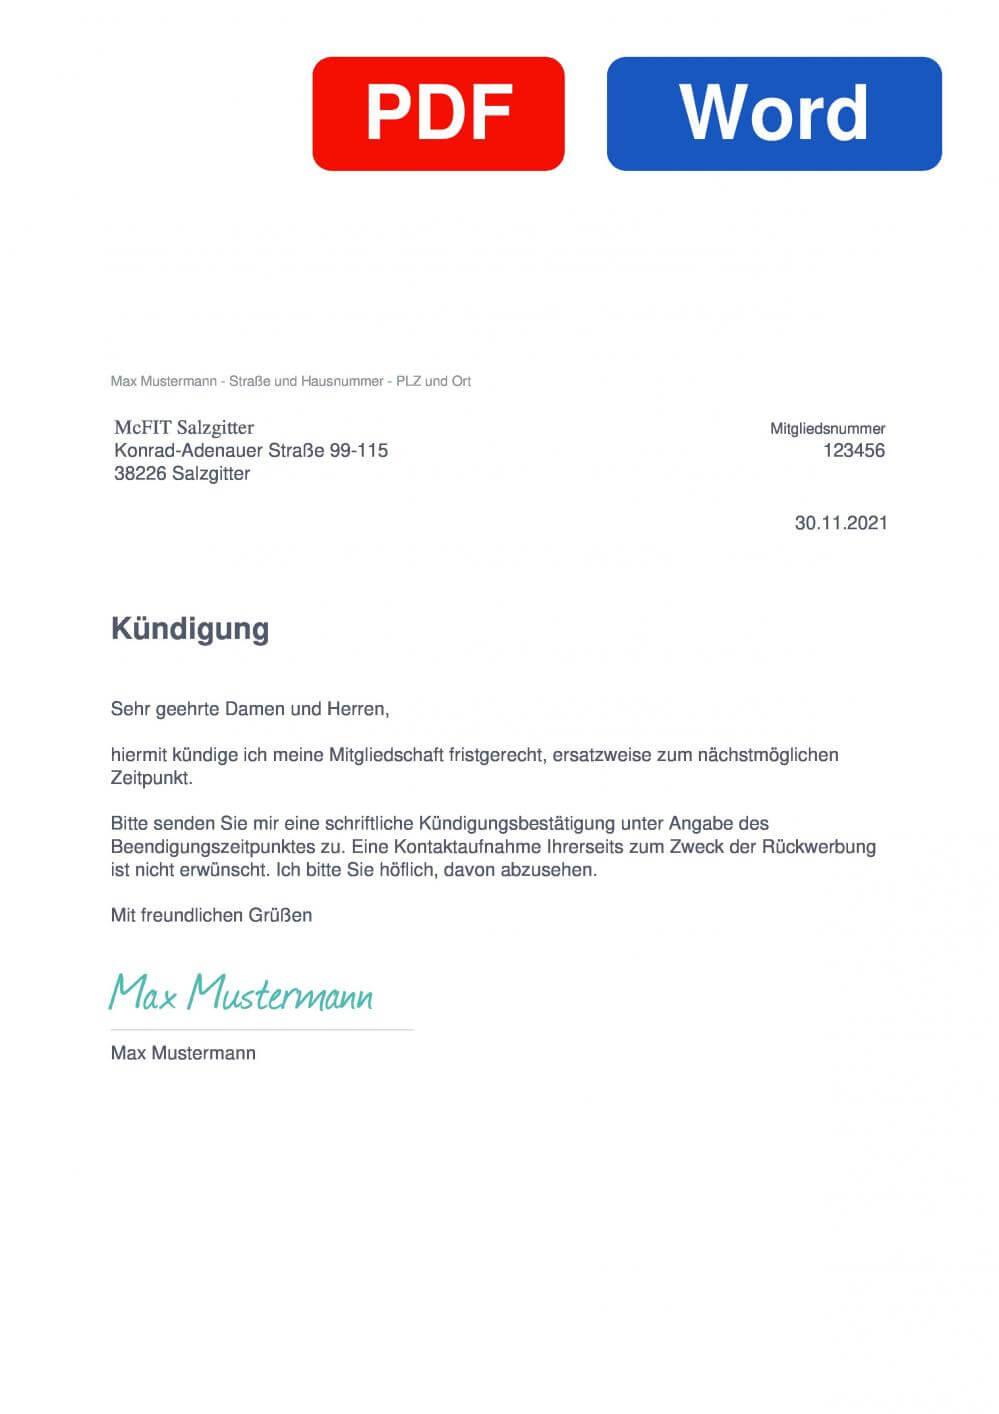 McFIT Salzgitter Muster Vorlage für Kündigungsschreiben